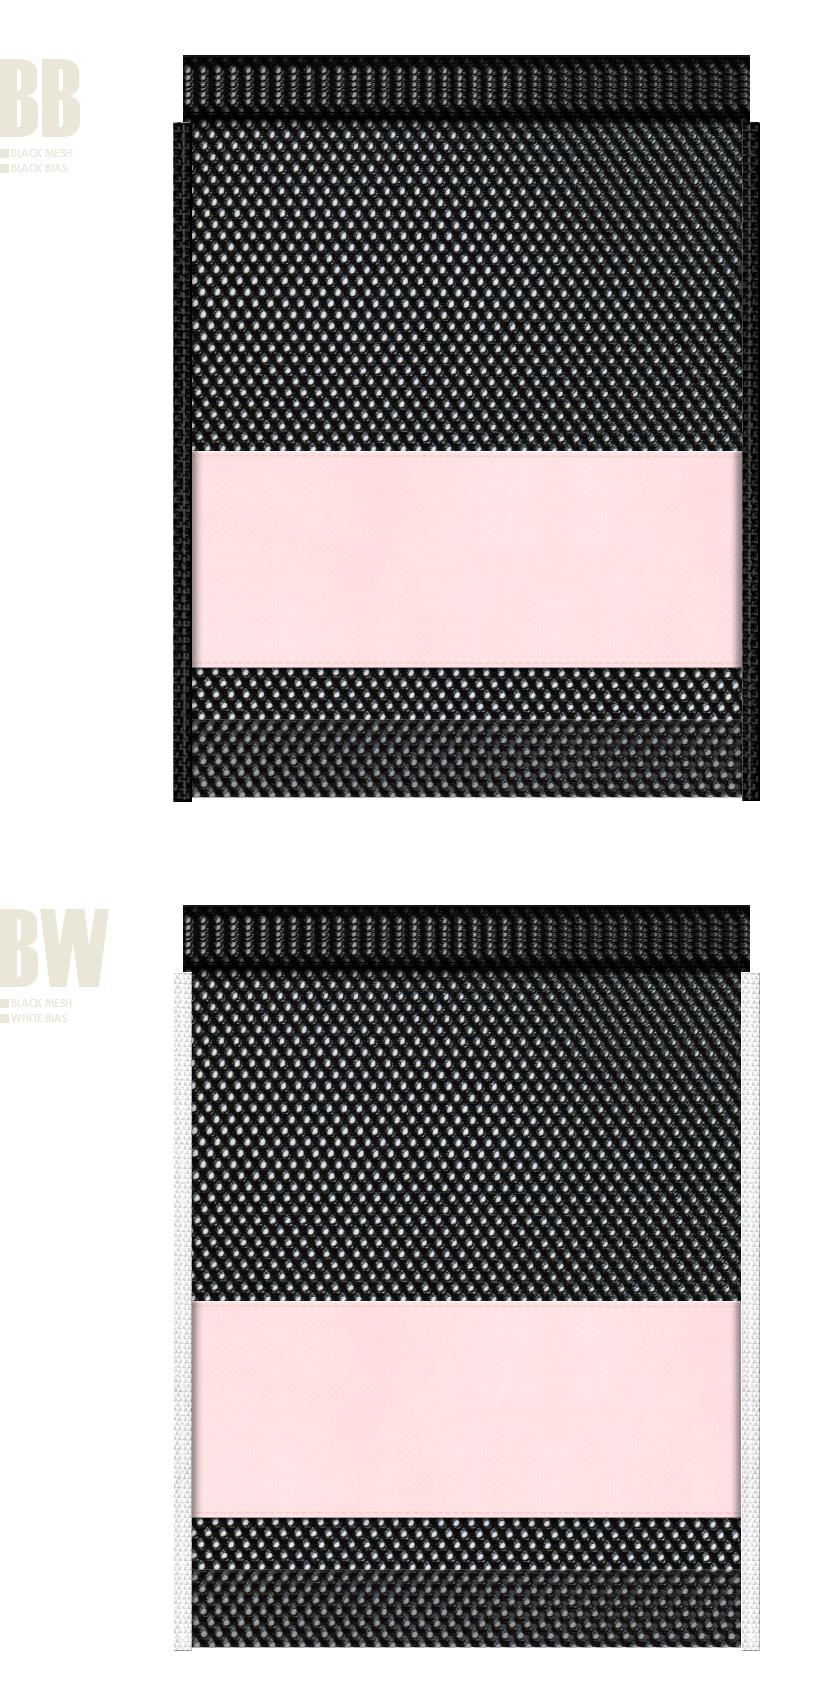 黒色メッシュと桜色不織布のメッシュバッグカラーシミュレーション:スポーツ用品・シューズバッグにお奨め